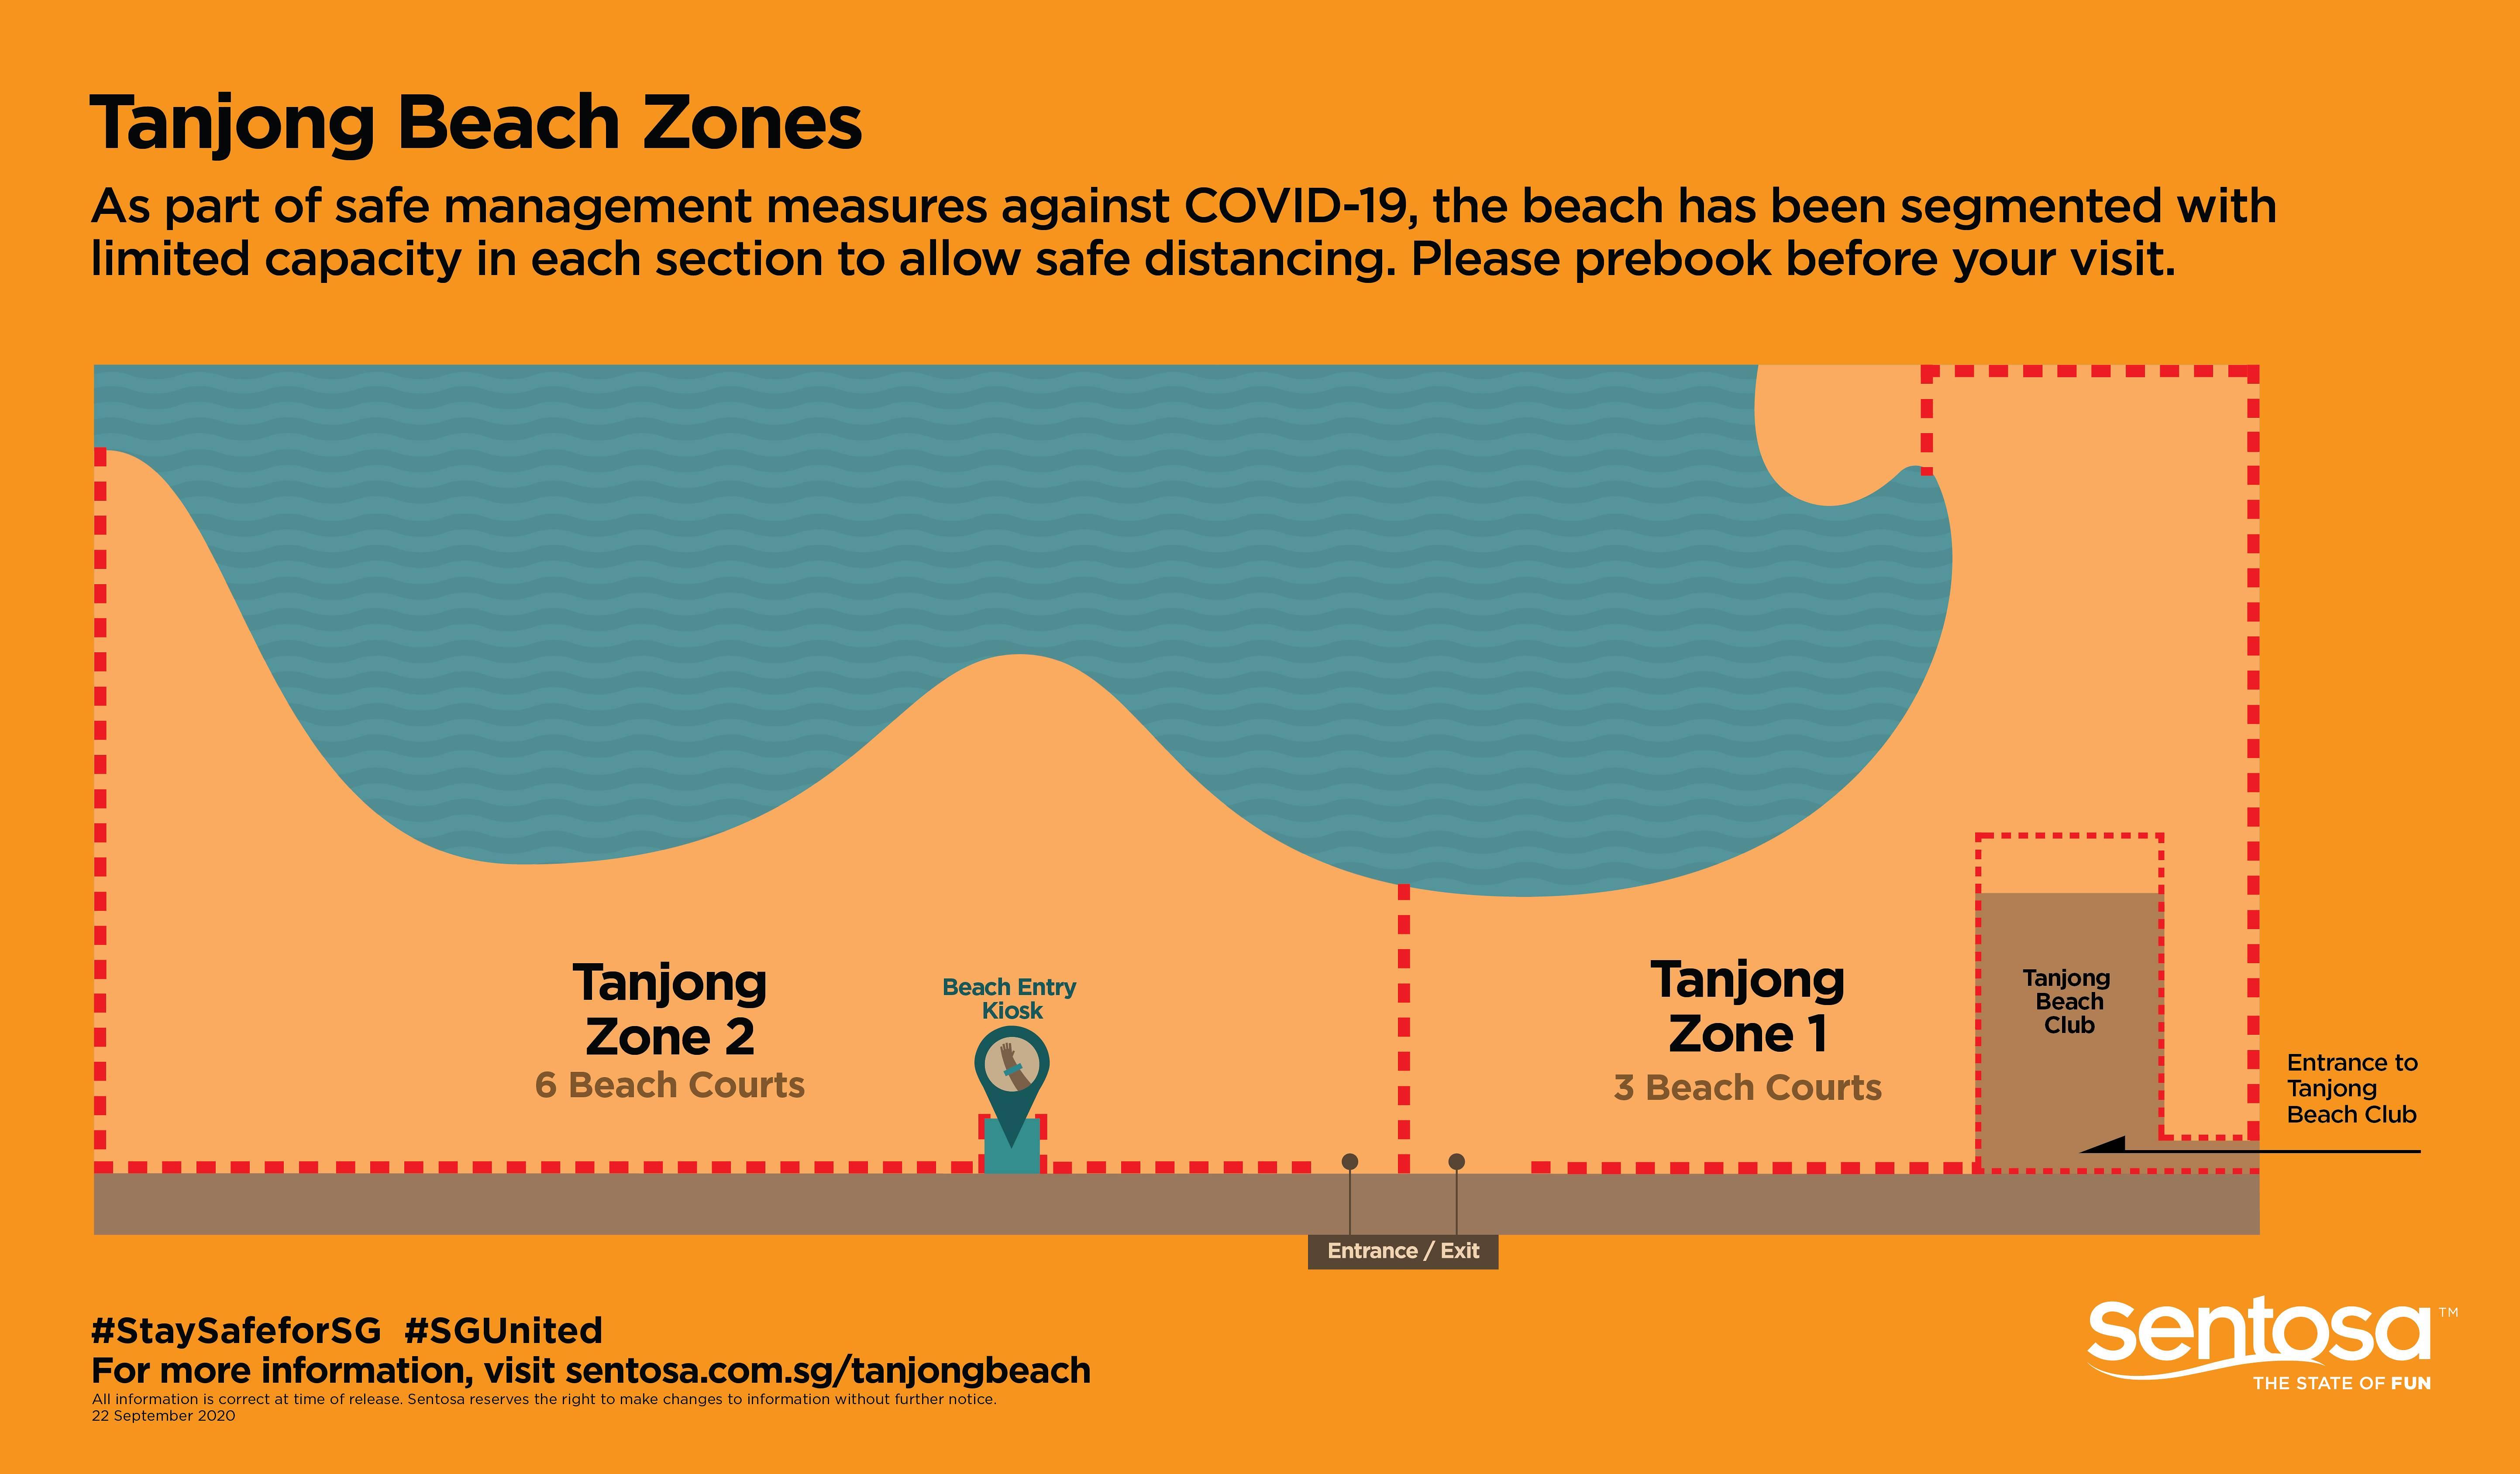 sentosa-tanjong-beach-zones